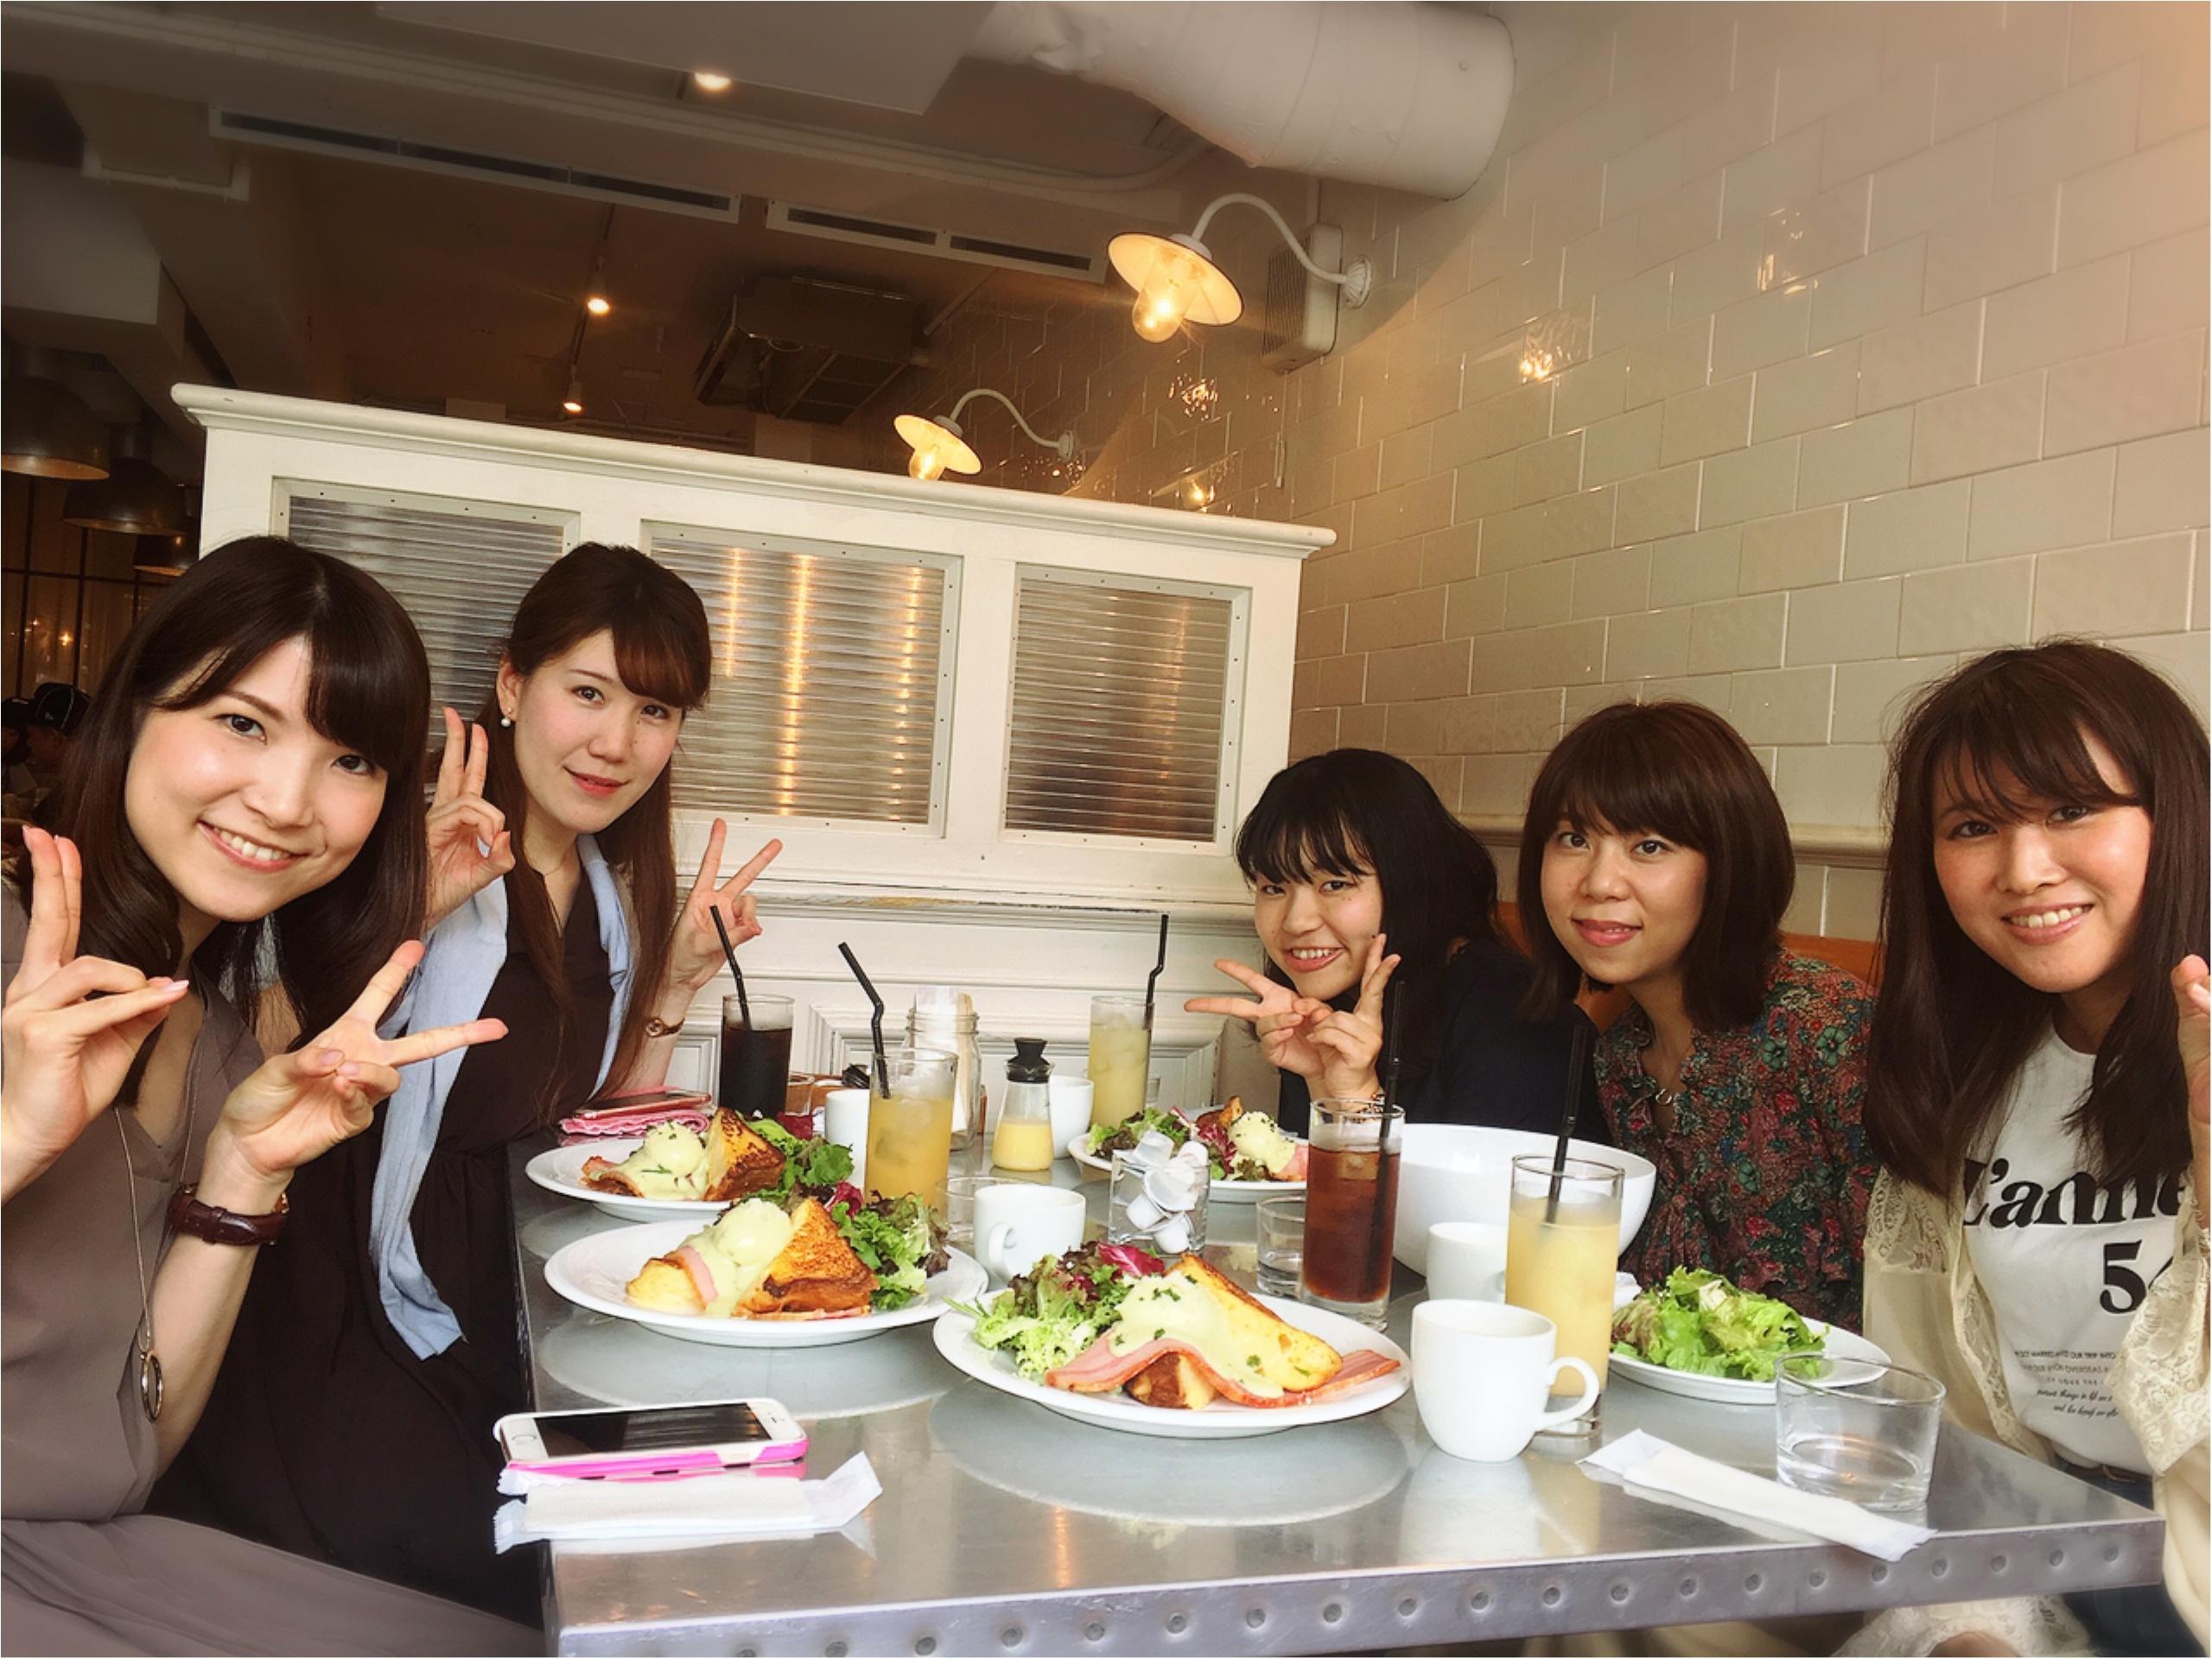 まるでホテルランチ♡ふわっふわフレンチトーストを-本日のモアハピ女子会-_1